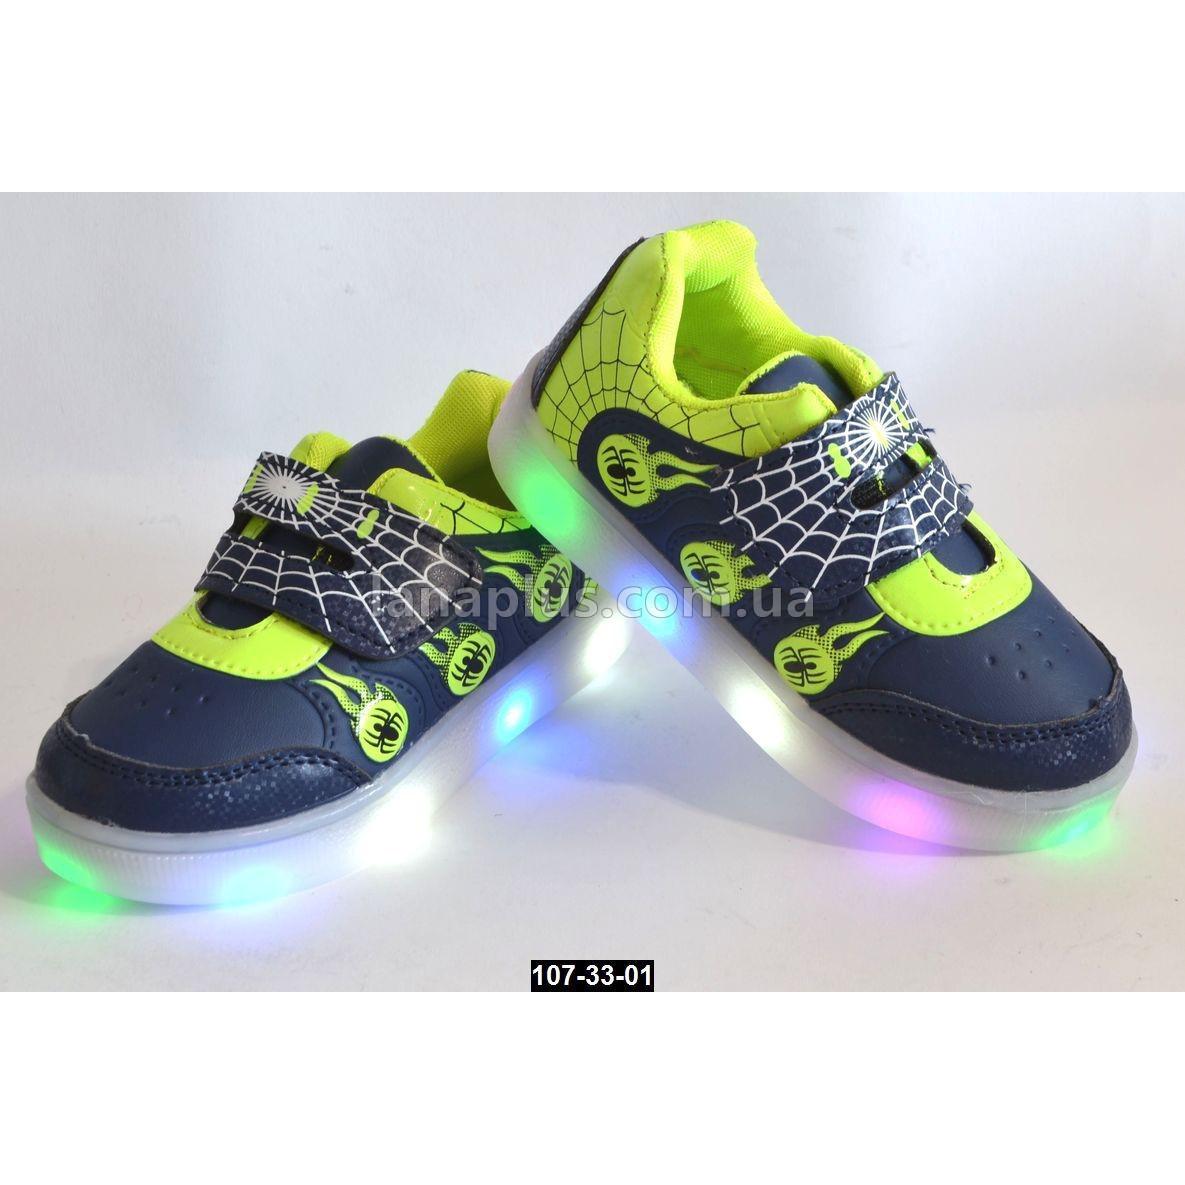 Светящиеся LED кроссовки для мальчика, 24 размер (15.2 см), с мигалками, супинатор